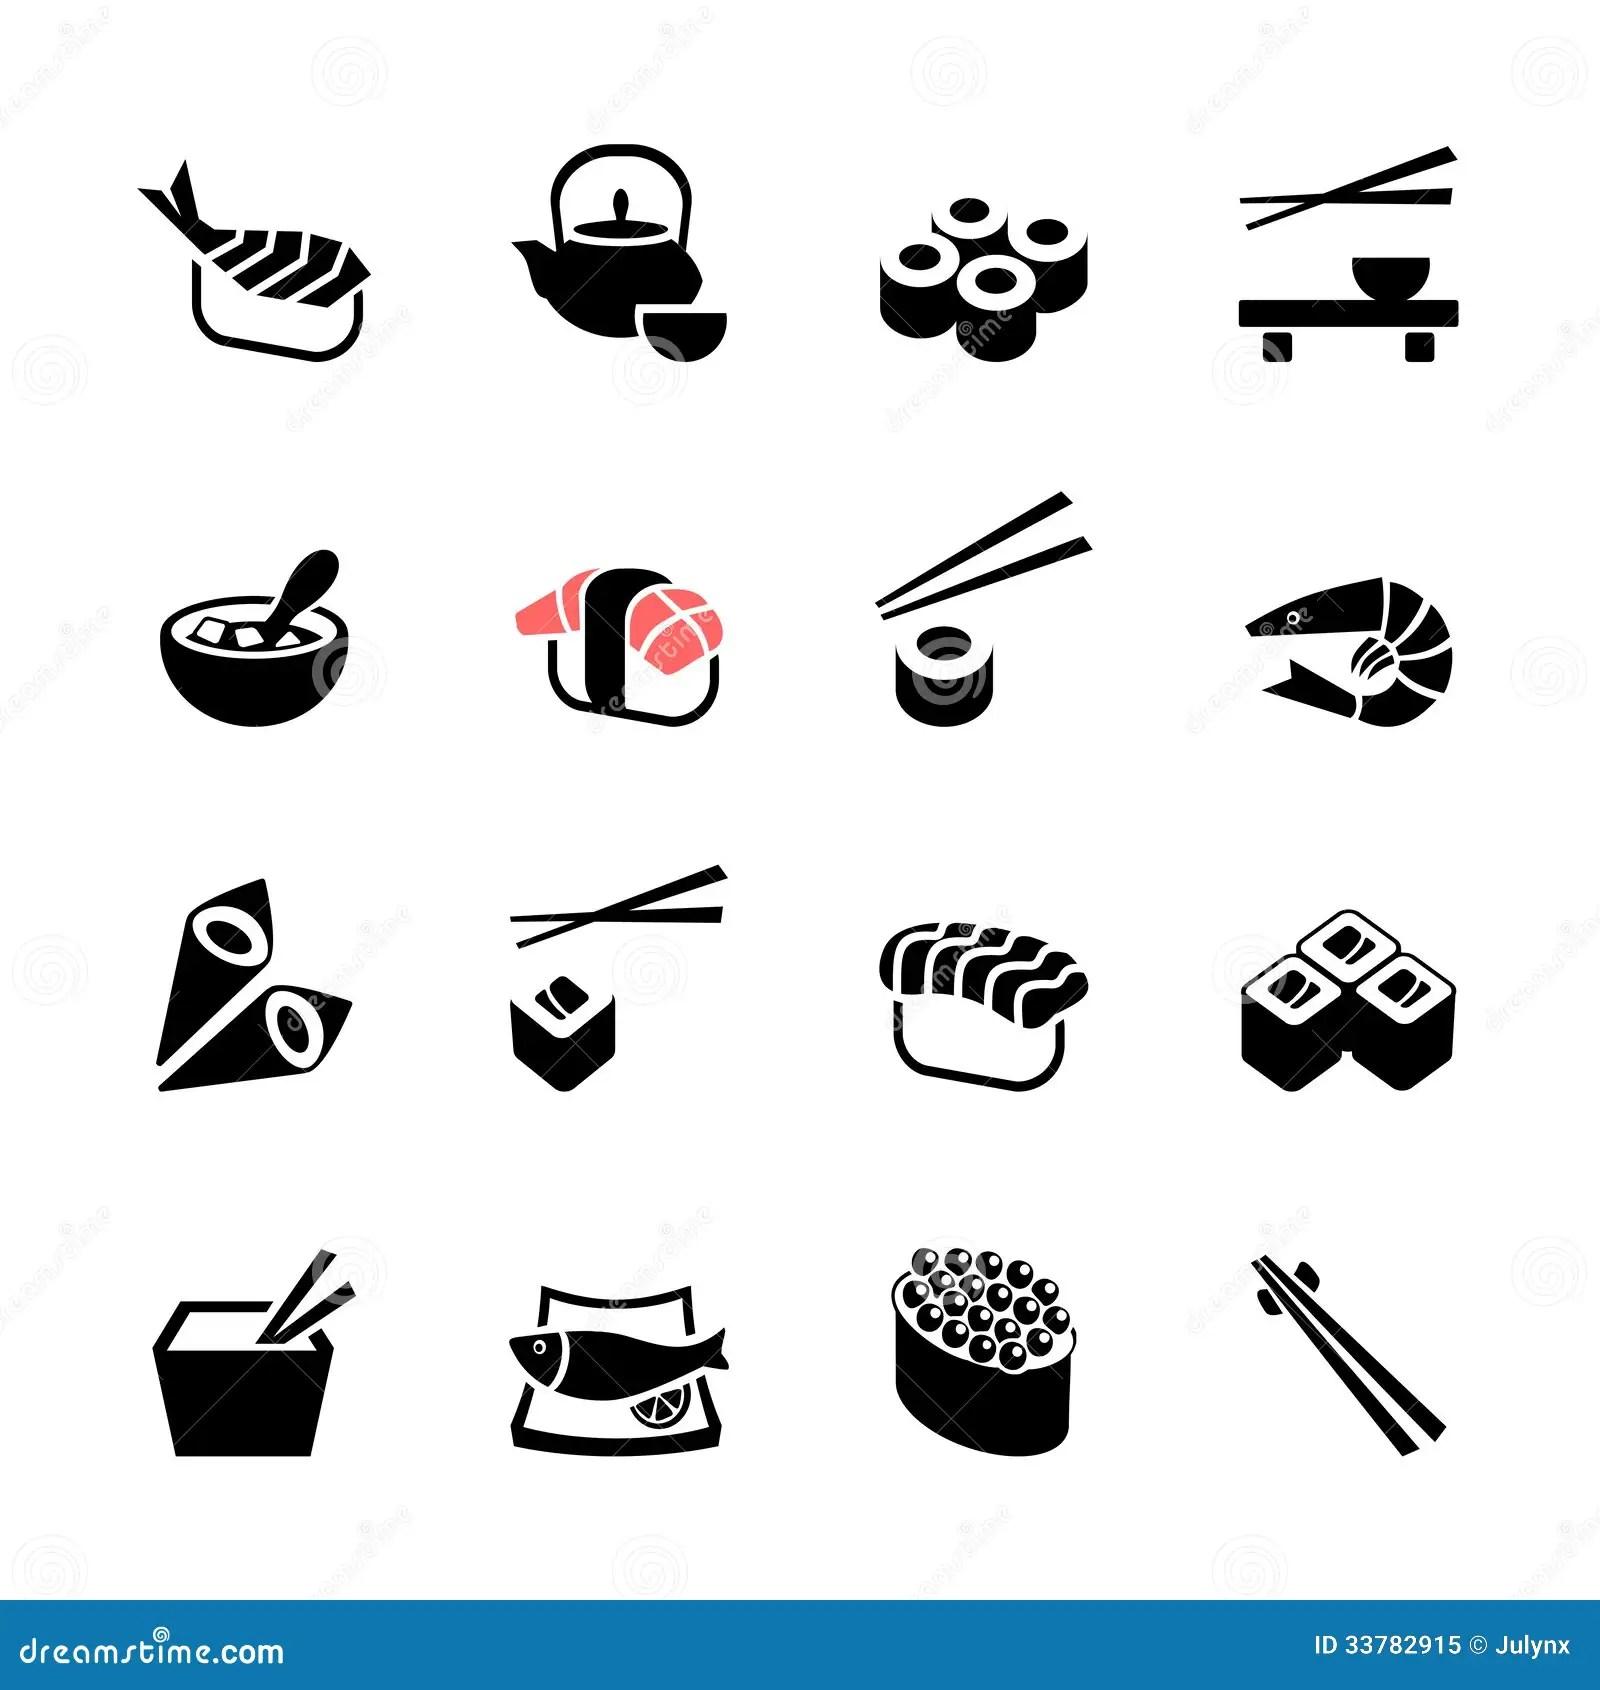 Japanese Food Sushi Web Icon Set Royalty Free Stock Photo